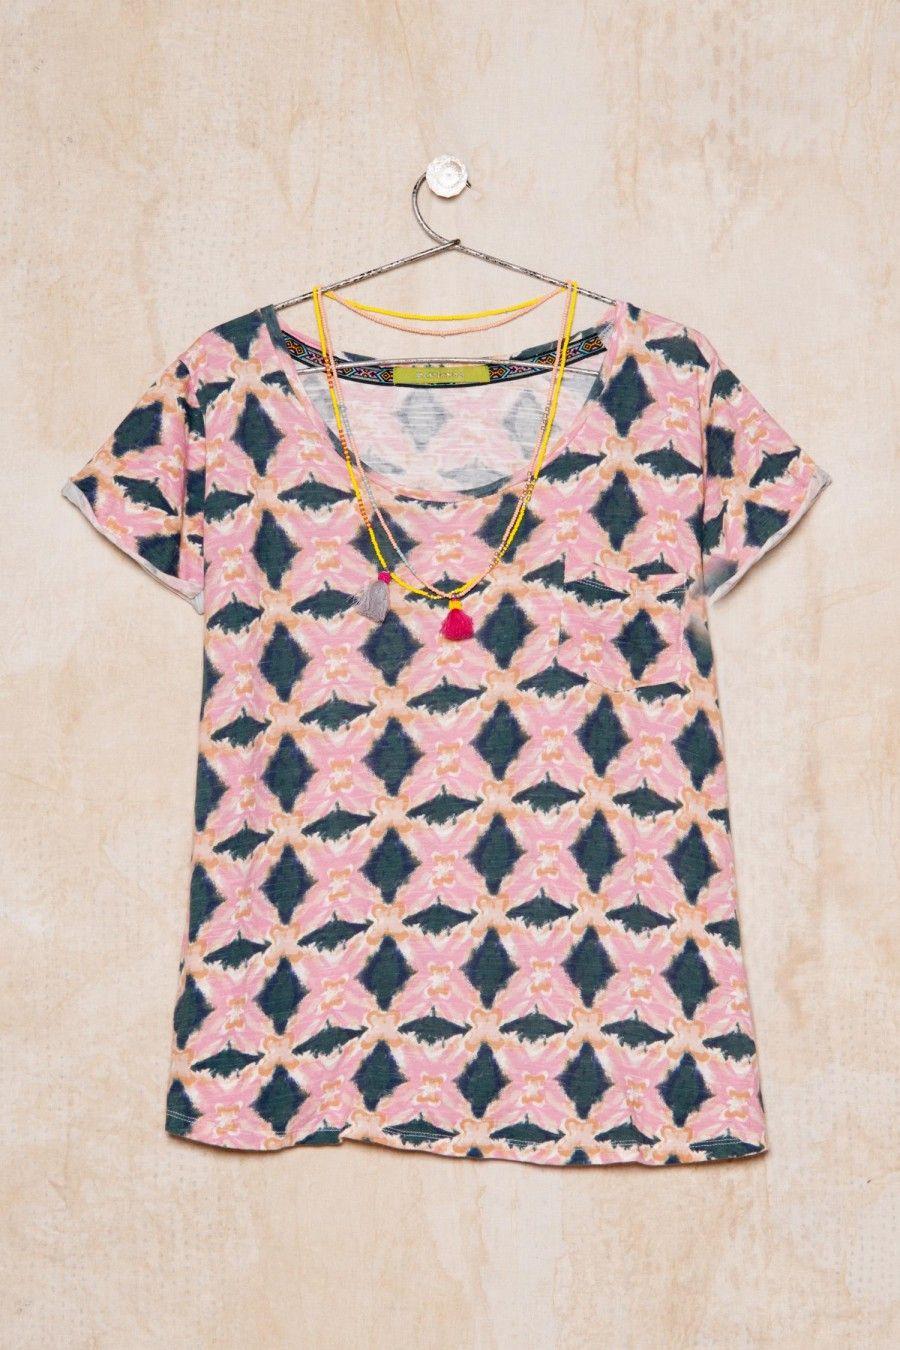 Me encantó la nueva colección Verano 16, mirá lo nuevo en Rapsodiastore.com > Remera Lips Cruz Summer